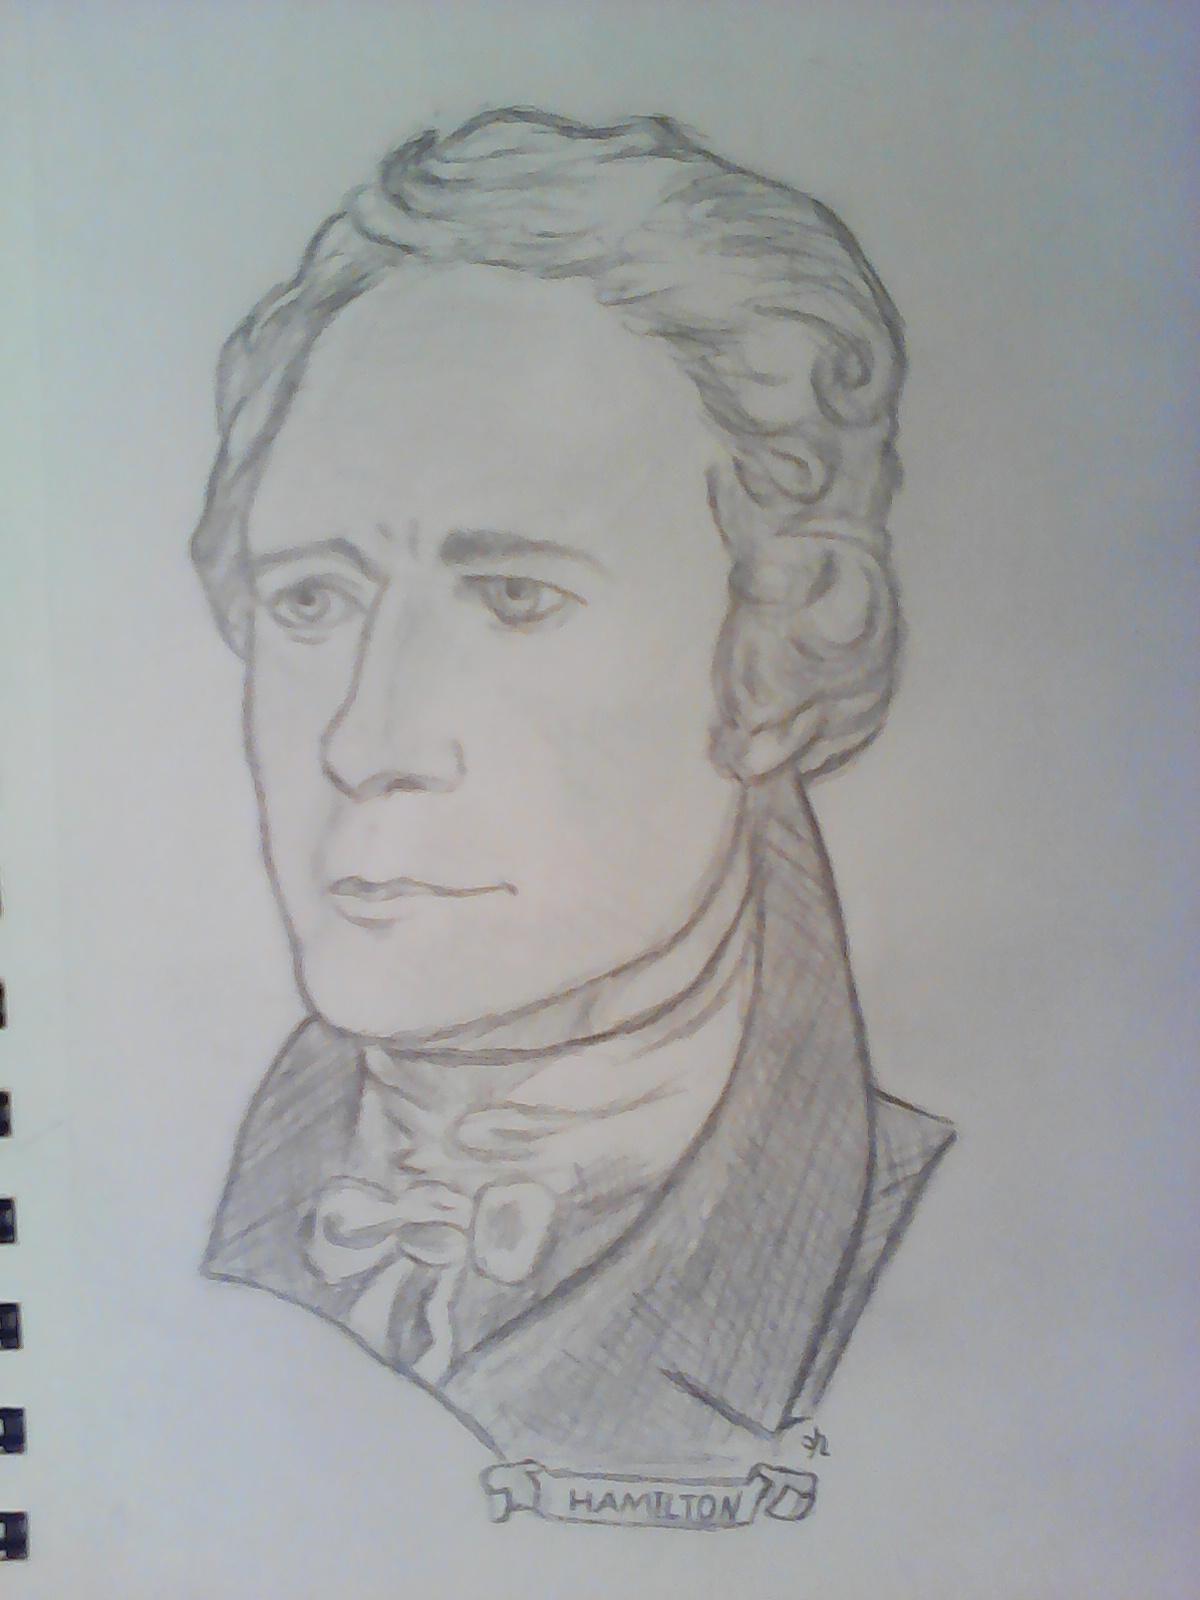 Alexander hamilton pencil drawing